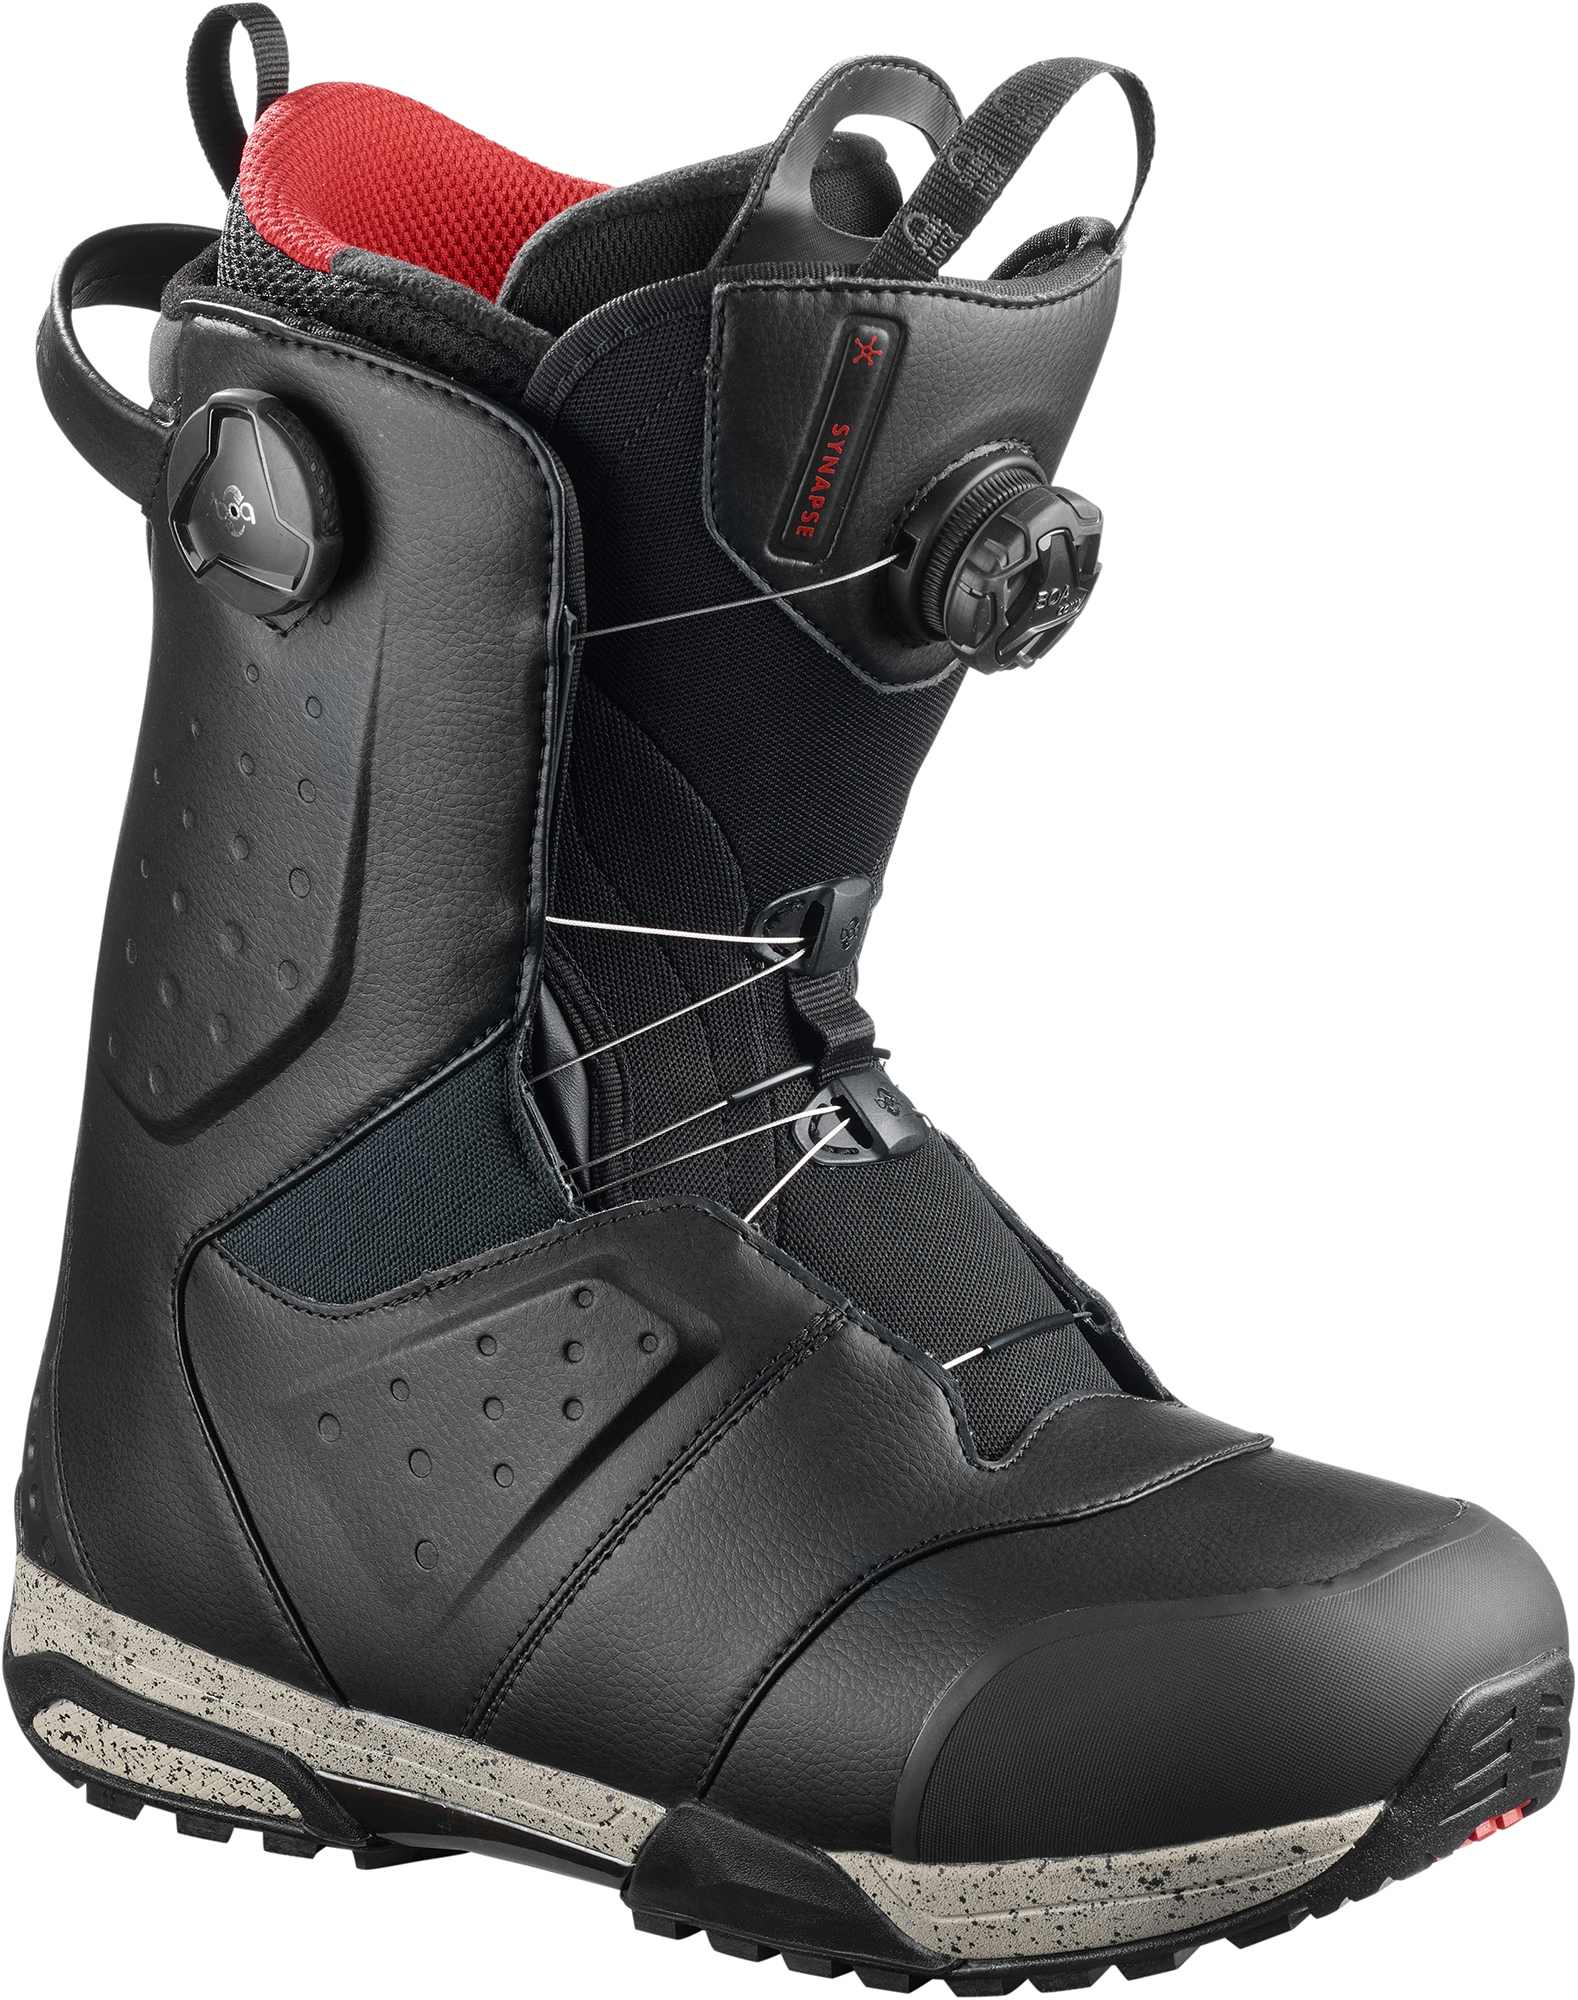 все цены на Salomon Сноубордические ботинки Salomon Synapse Focus Boa, размер 42,5 онлайн